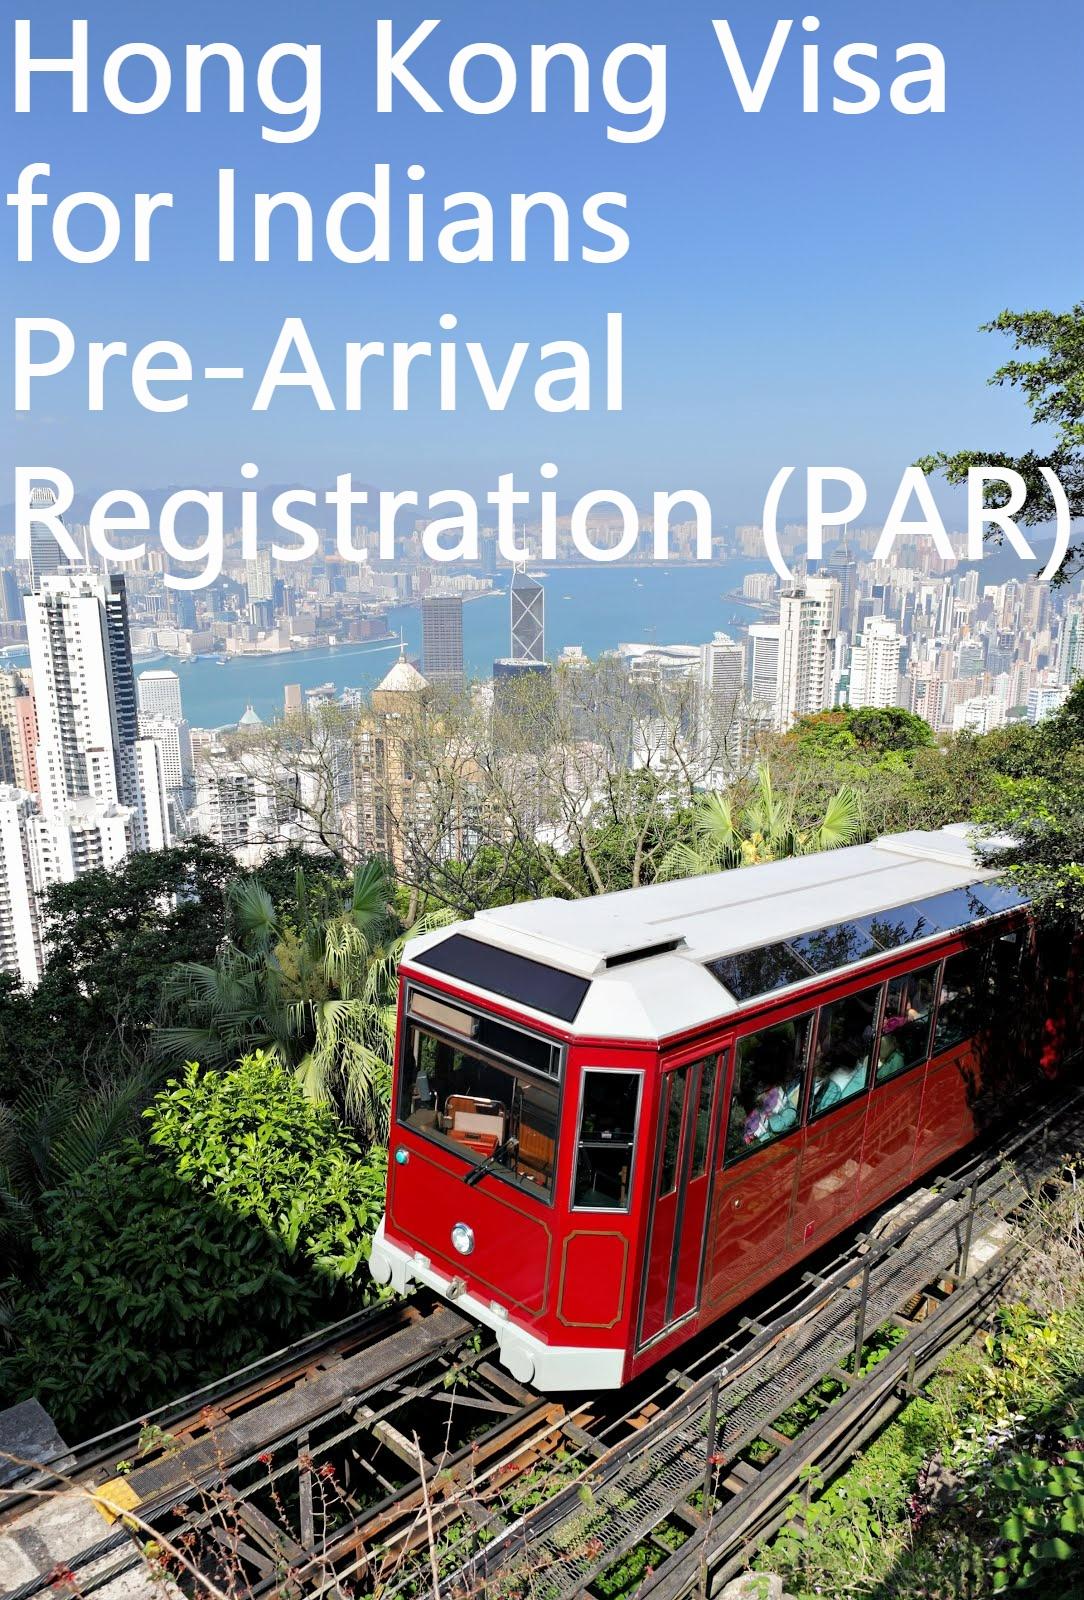 Hong Kong Visa for Indians - Pre arrival registration PAR Slip